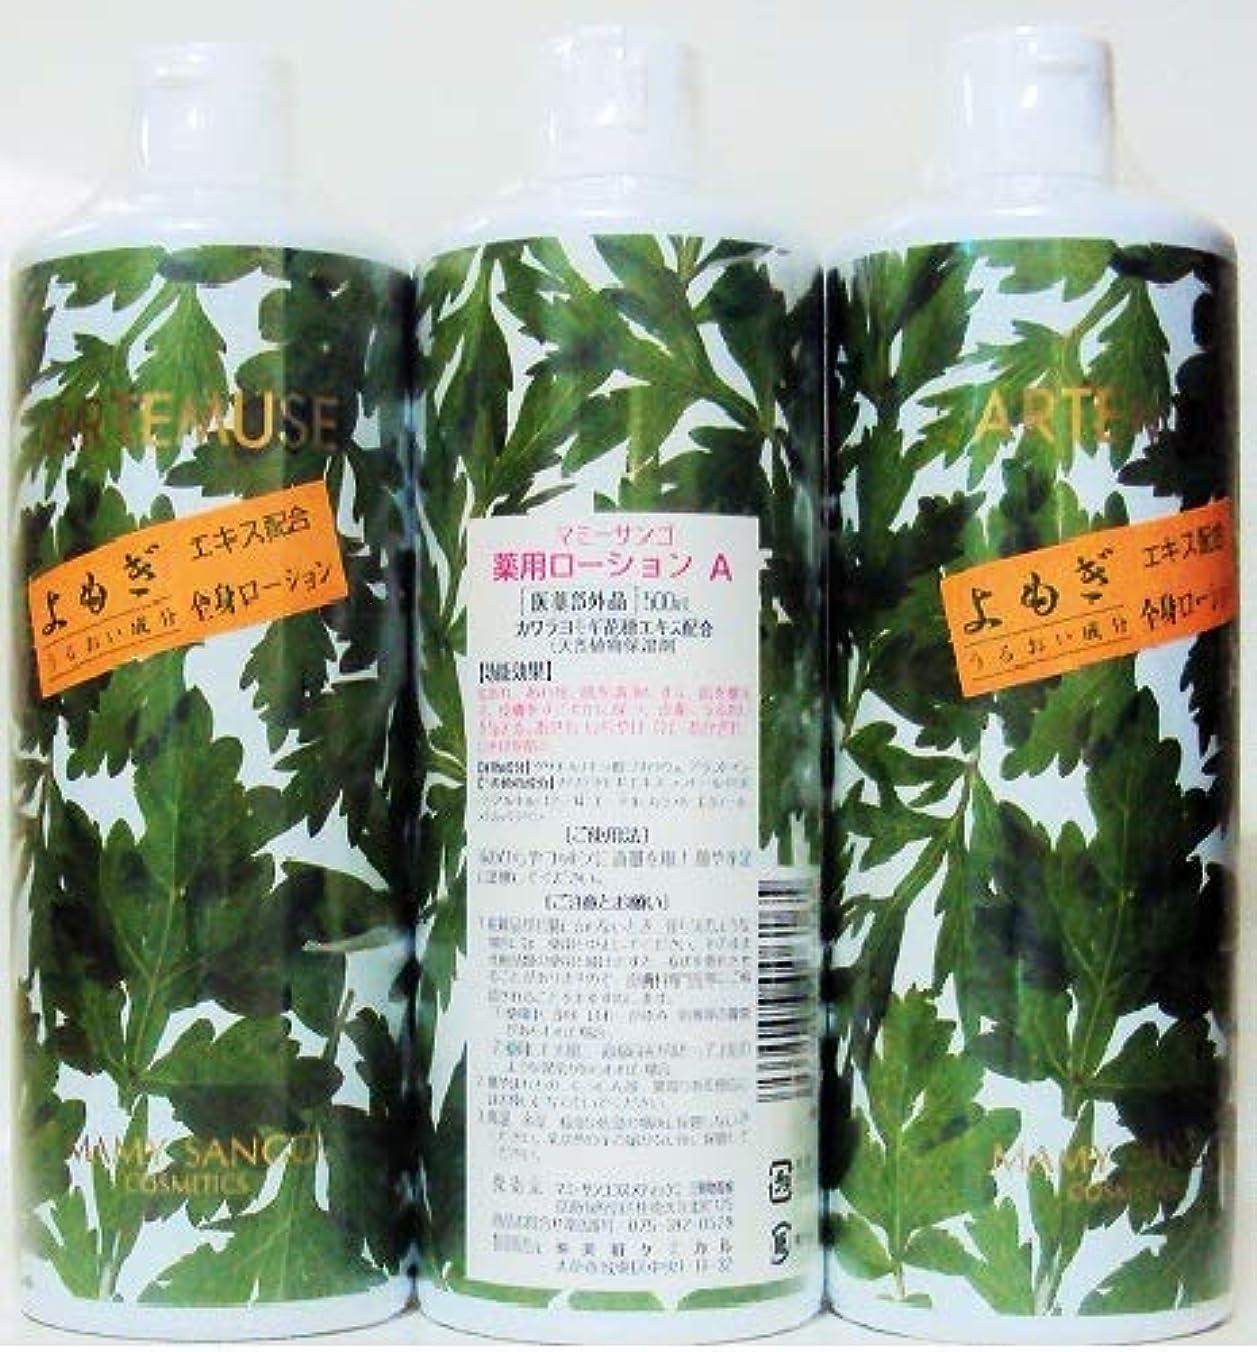 十分天気クレデンシャルマミーサンゴ薬用ローショーン500ml(3本セット価額)